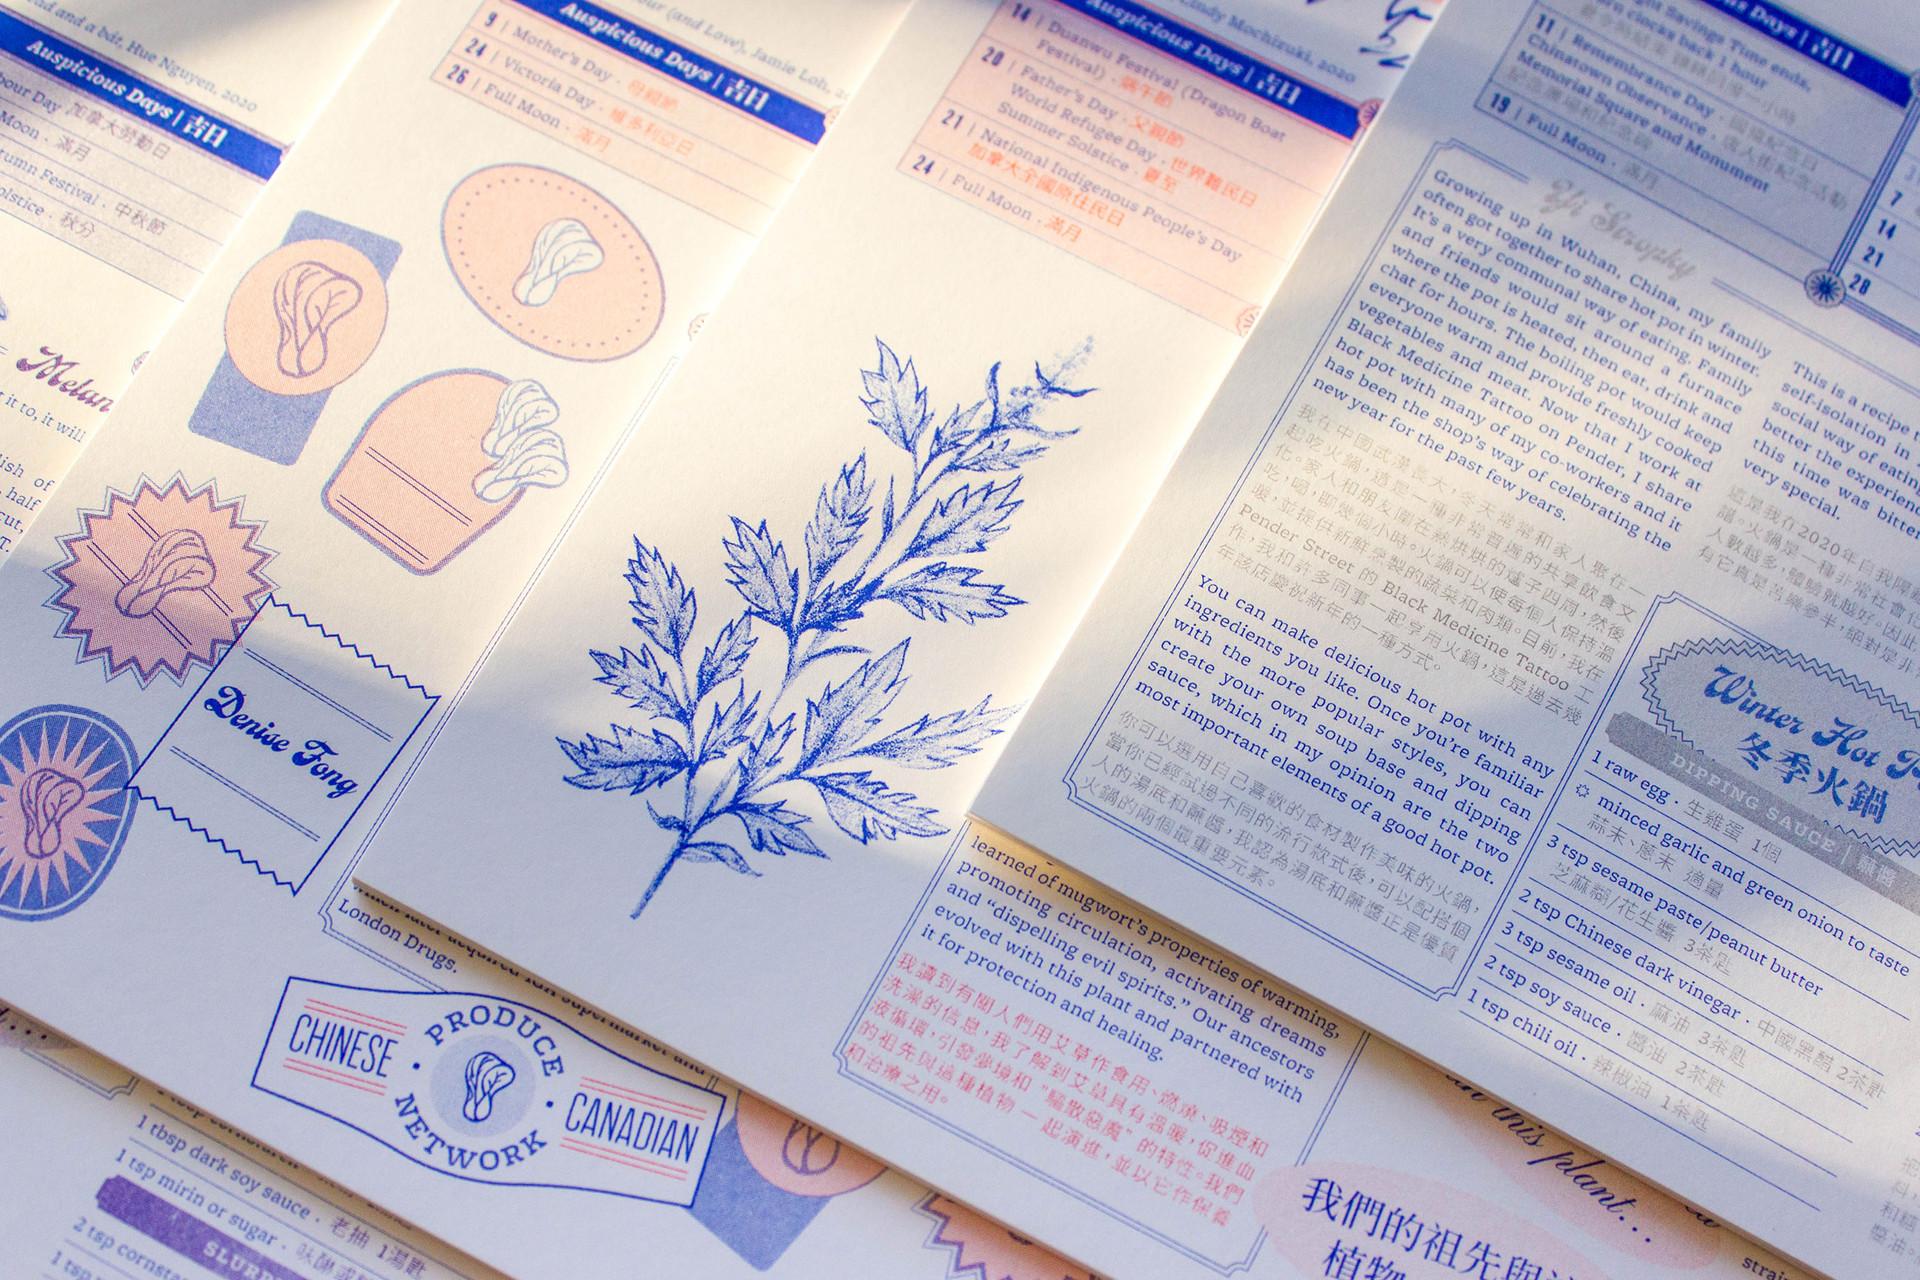 triet-pham-mau-calendar-2021-design-09.j